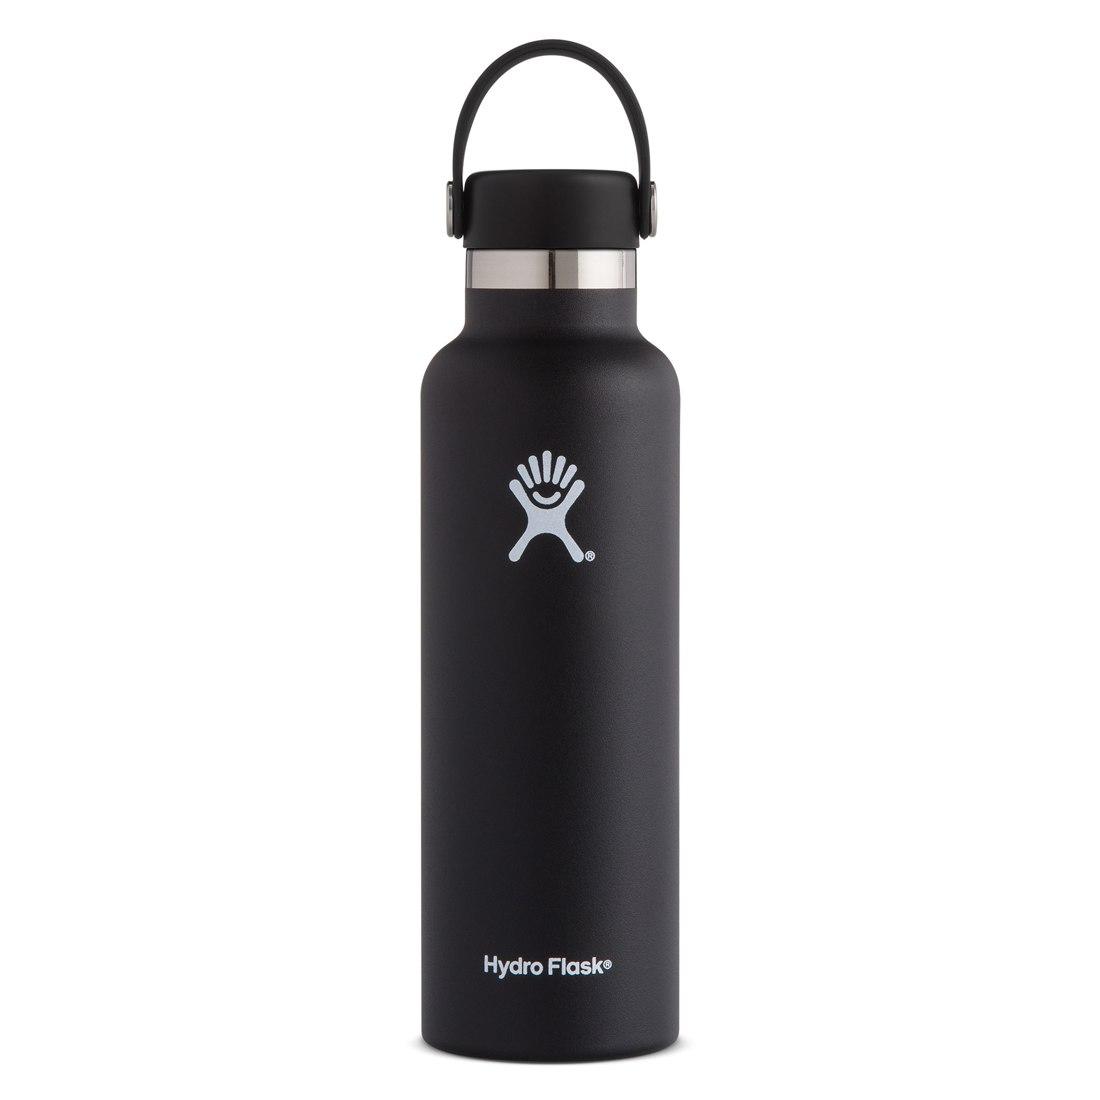 Produktbild von Hydro Flask 21 oz Standard Mouth Flex Cap Thermoflasche 621ml - Black